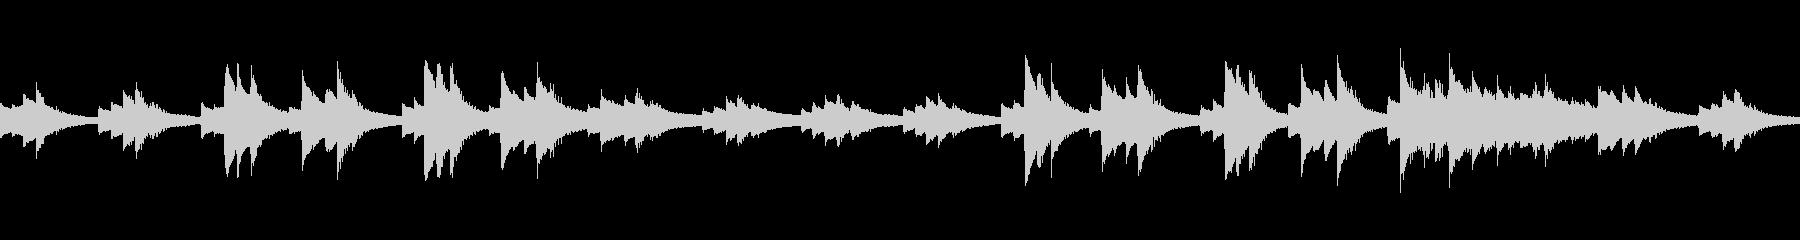 アコーステック センチメンタル サ...の未再生の波形